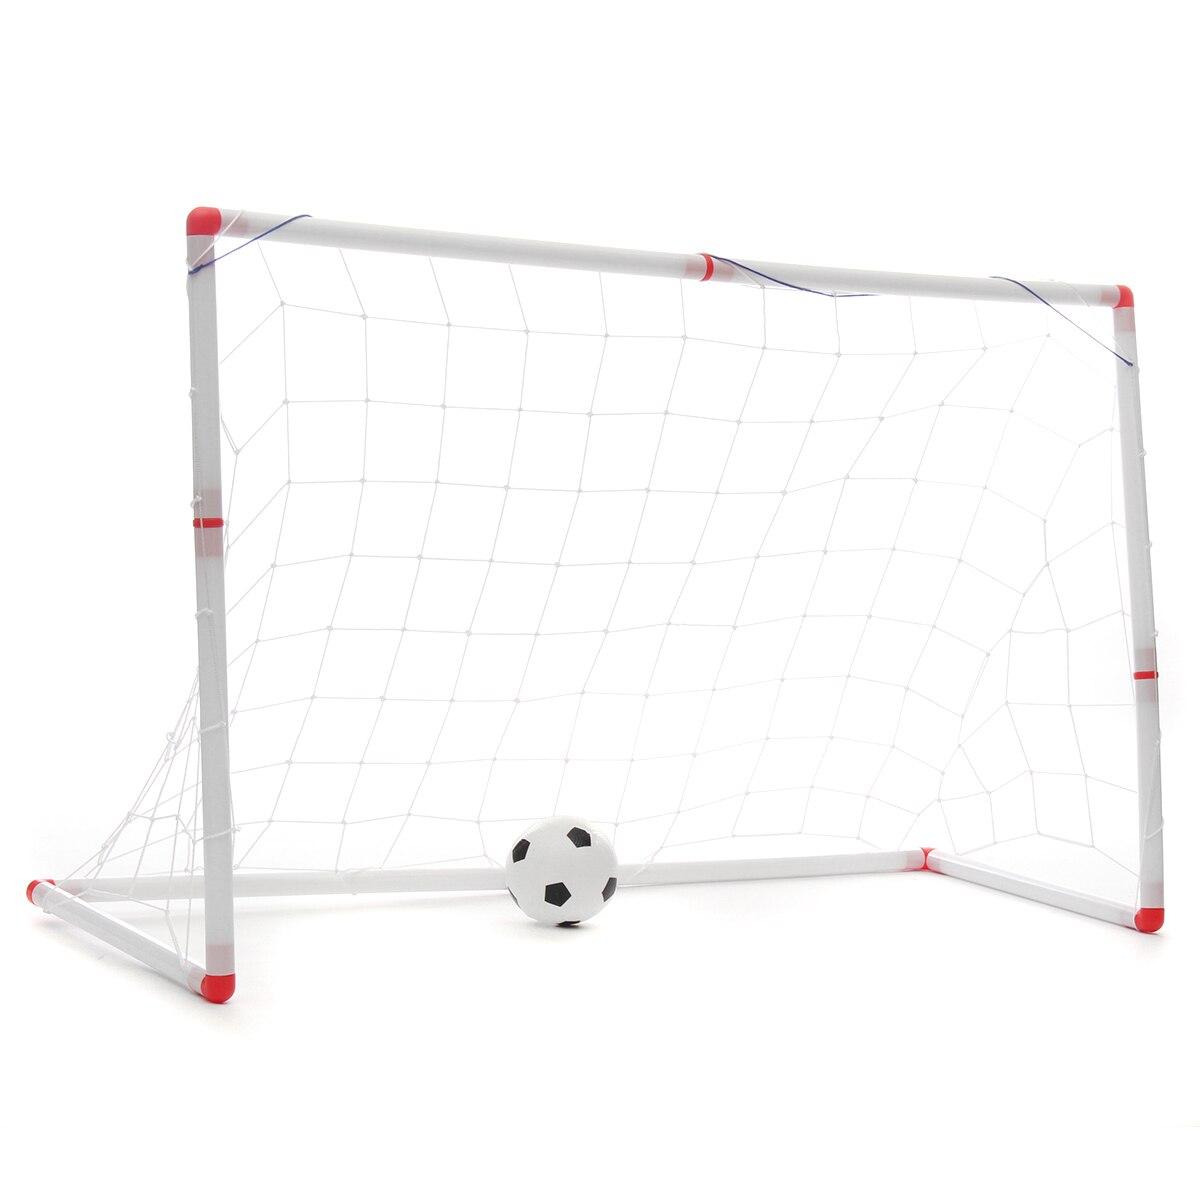 1pcs 126x45x71cm Kids Mini Football Gate Goal Post Net Ball Pump Soccer Door Outdoor ABS Sport Match Training Toy